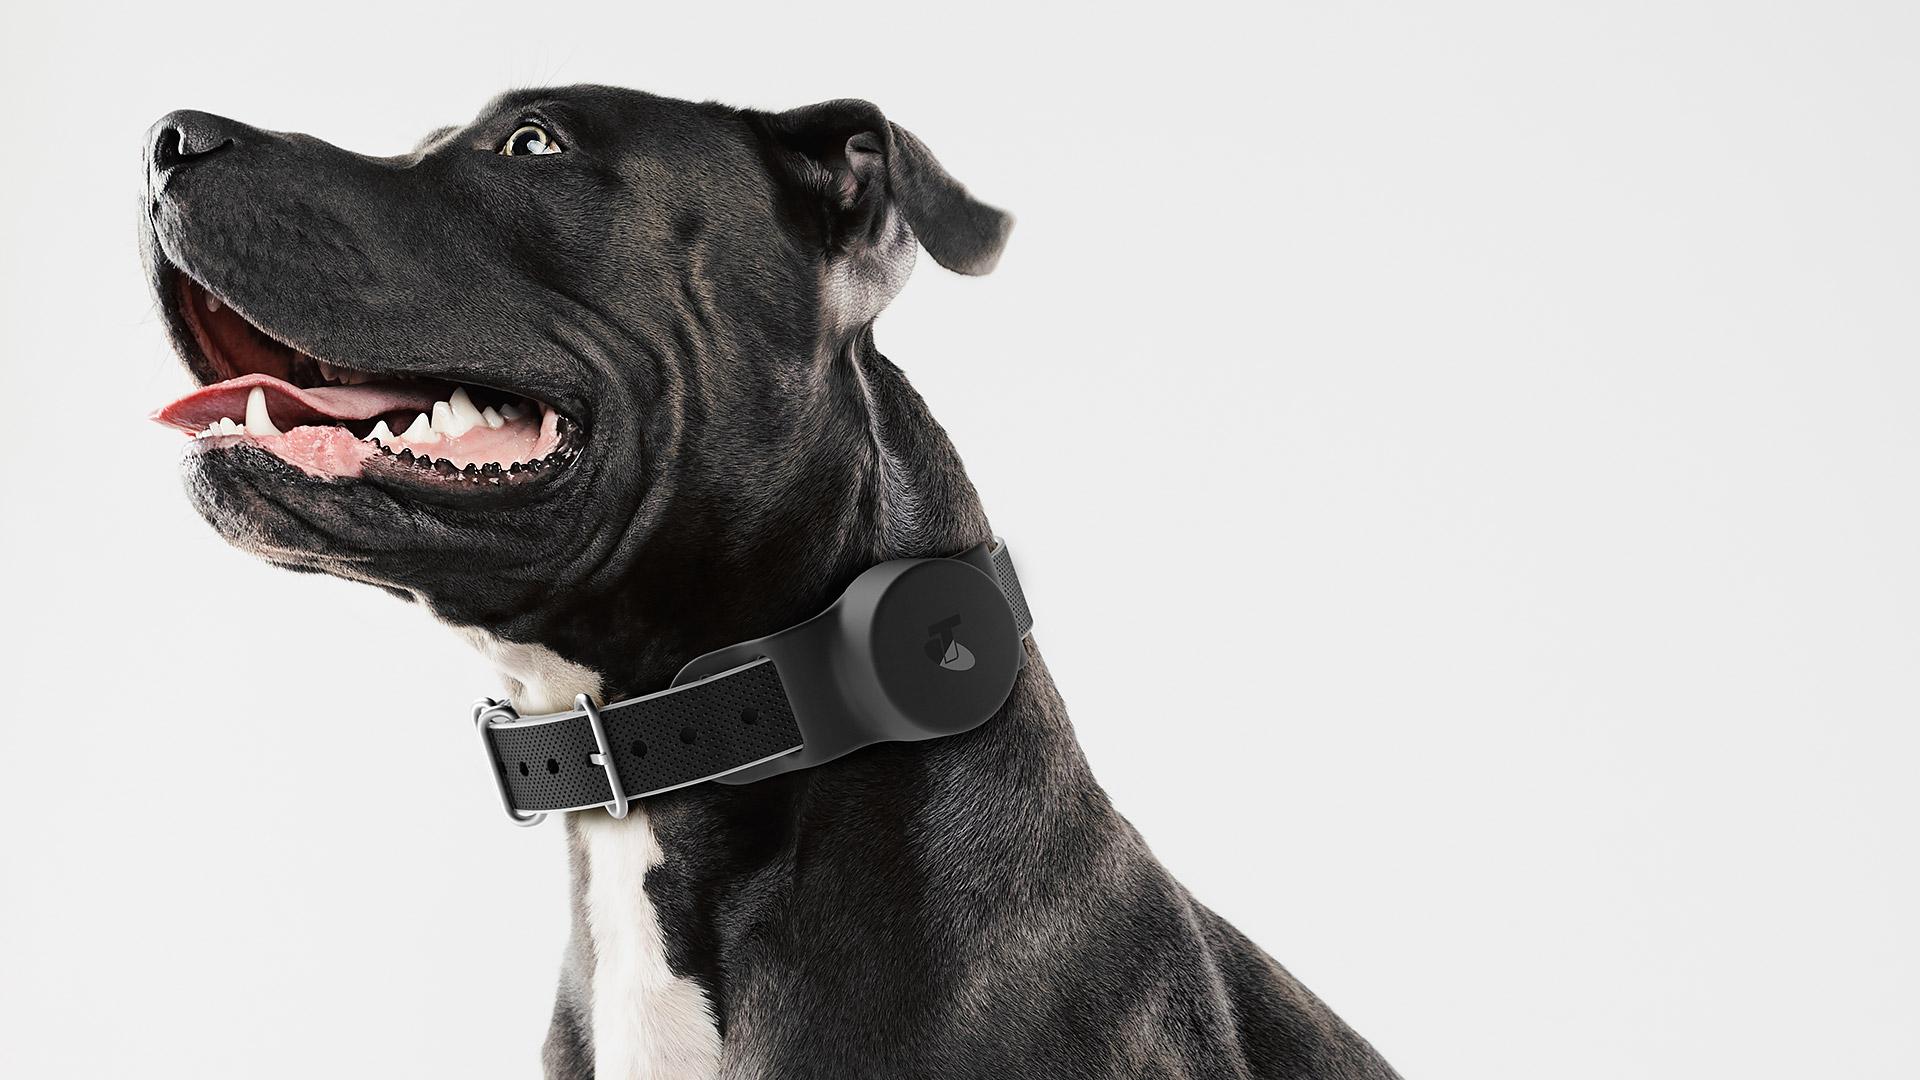 Telstra-WiFi-Dog-Collar